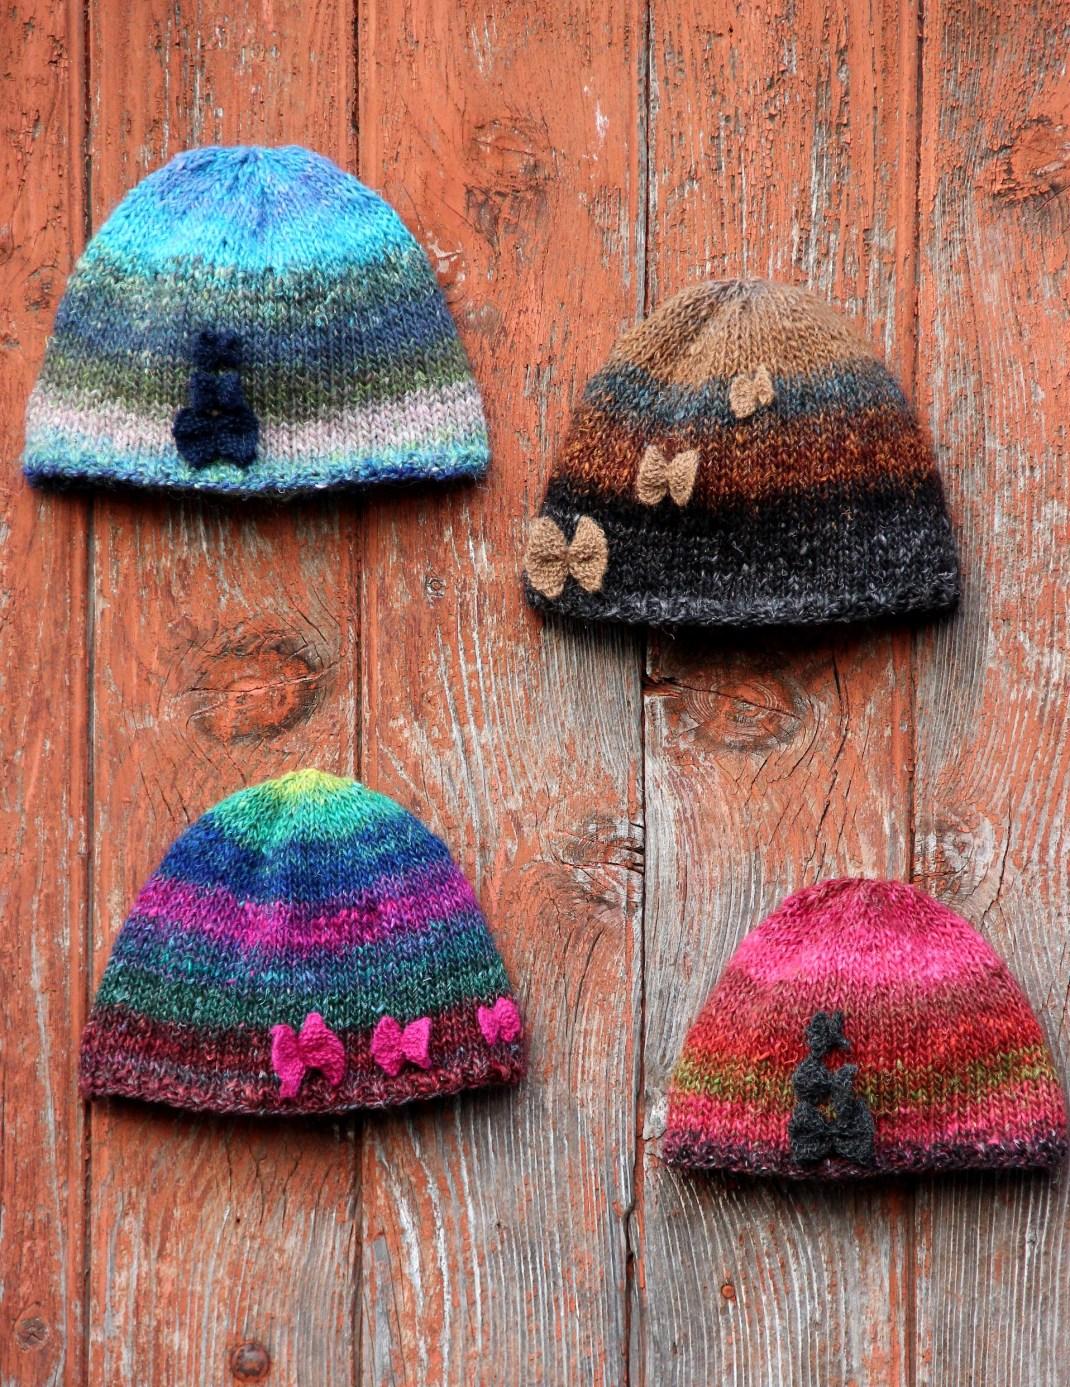 4 kits Le bonnet Papillons